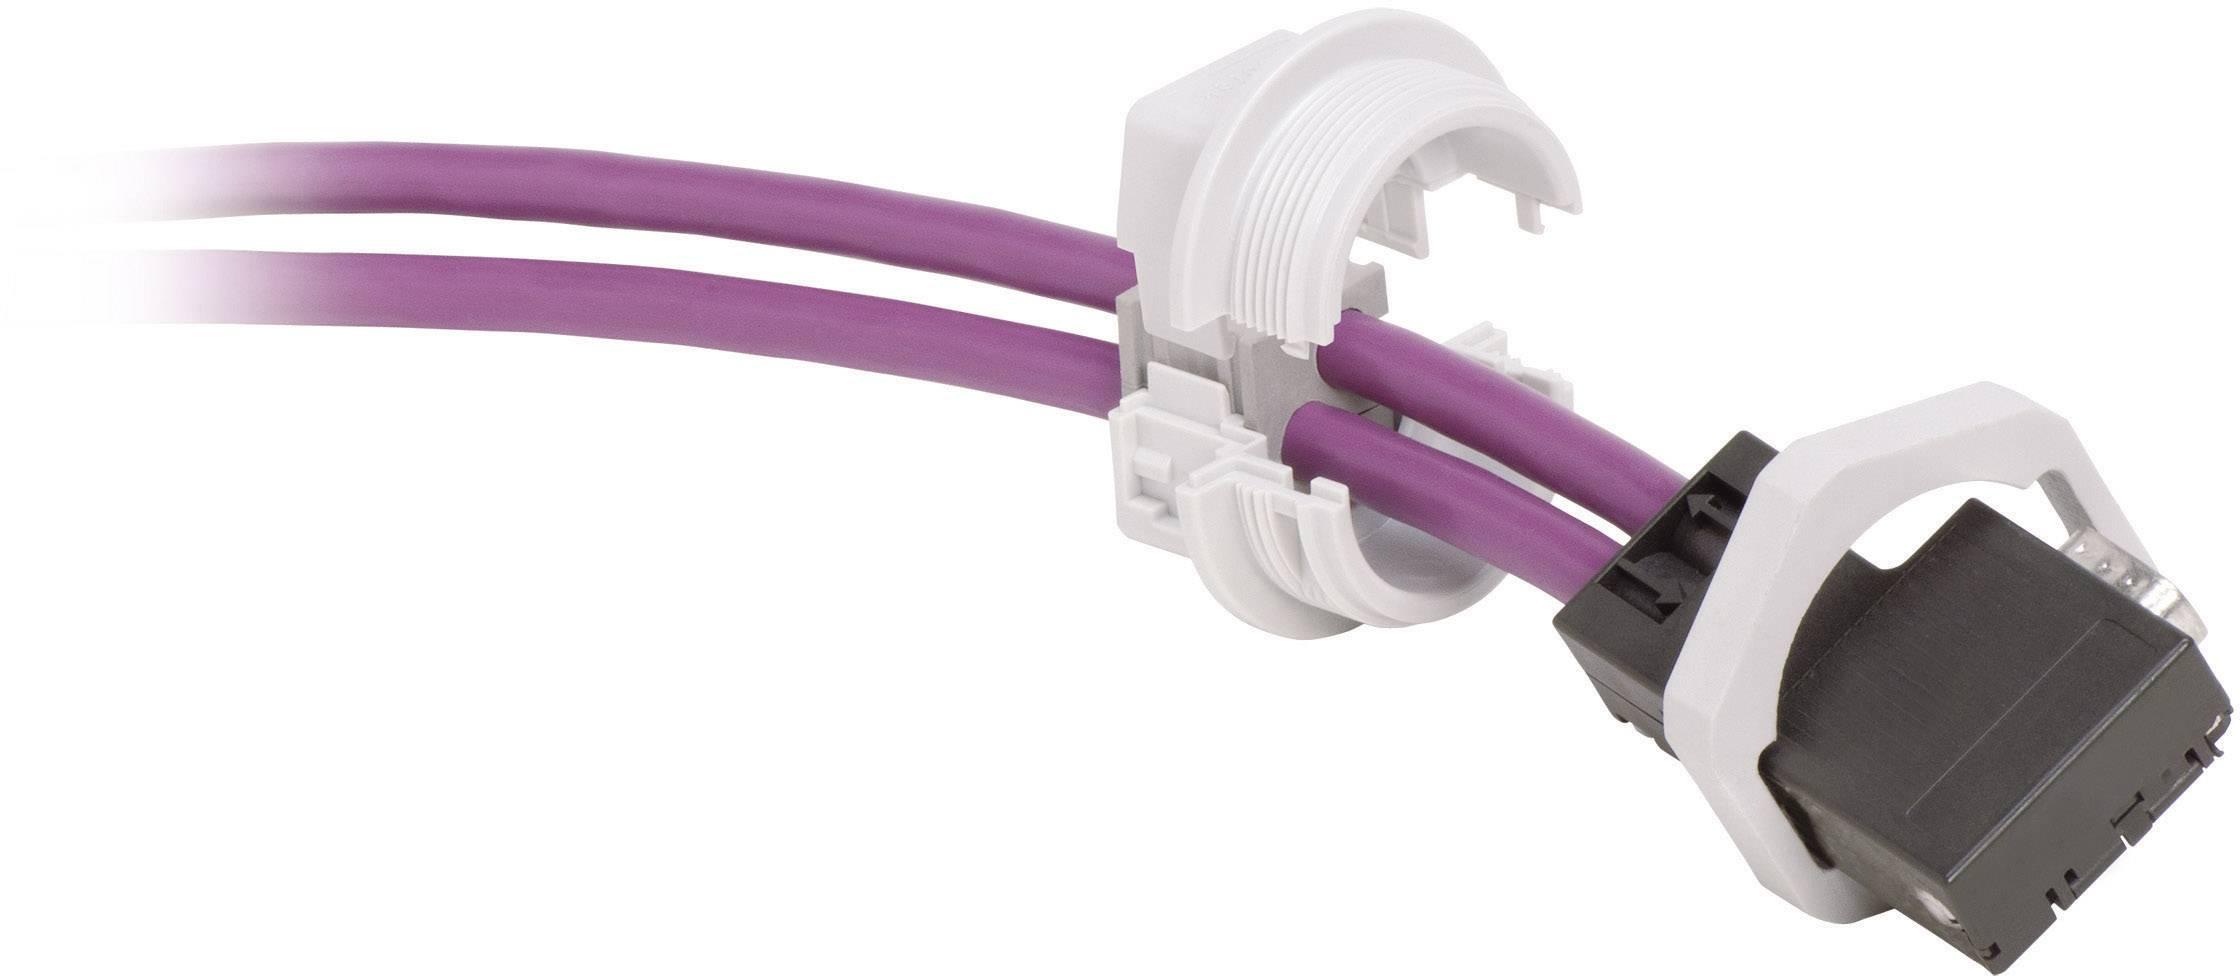 Icotek Kabelska uvodnica KVT KVT 40 PB velikost: M40, KGM-PB siva